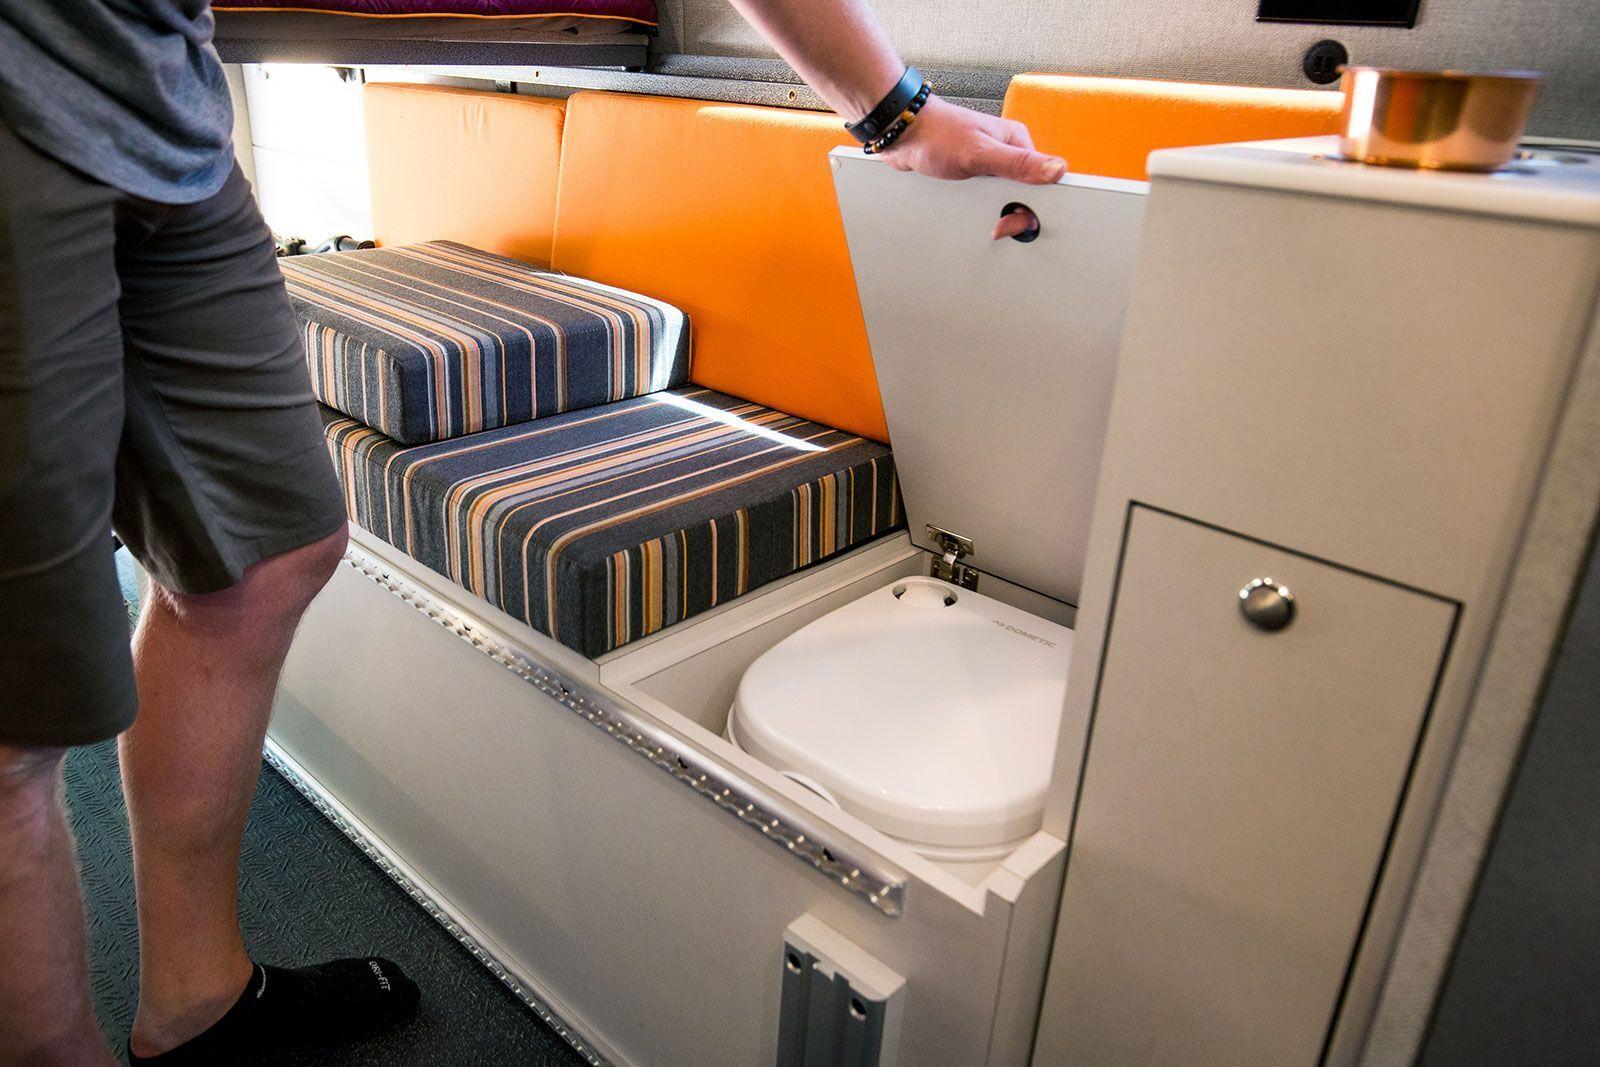 Кемпер снабжен электроплитой, мойкой, холодильником, всей необходимой кухонной мебелью, двумя душевыми и биотуалетом